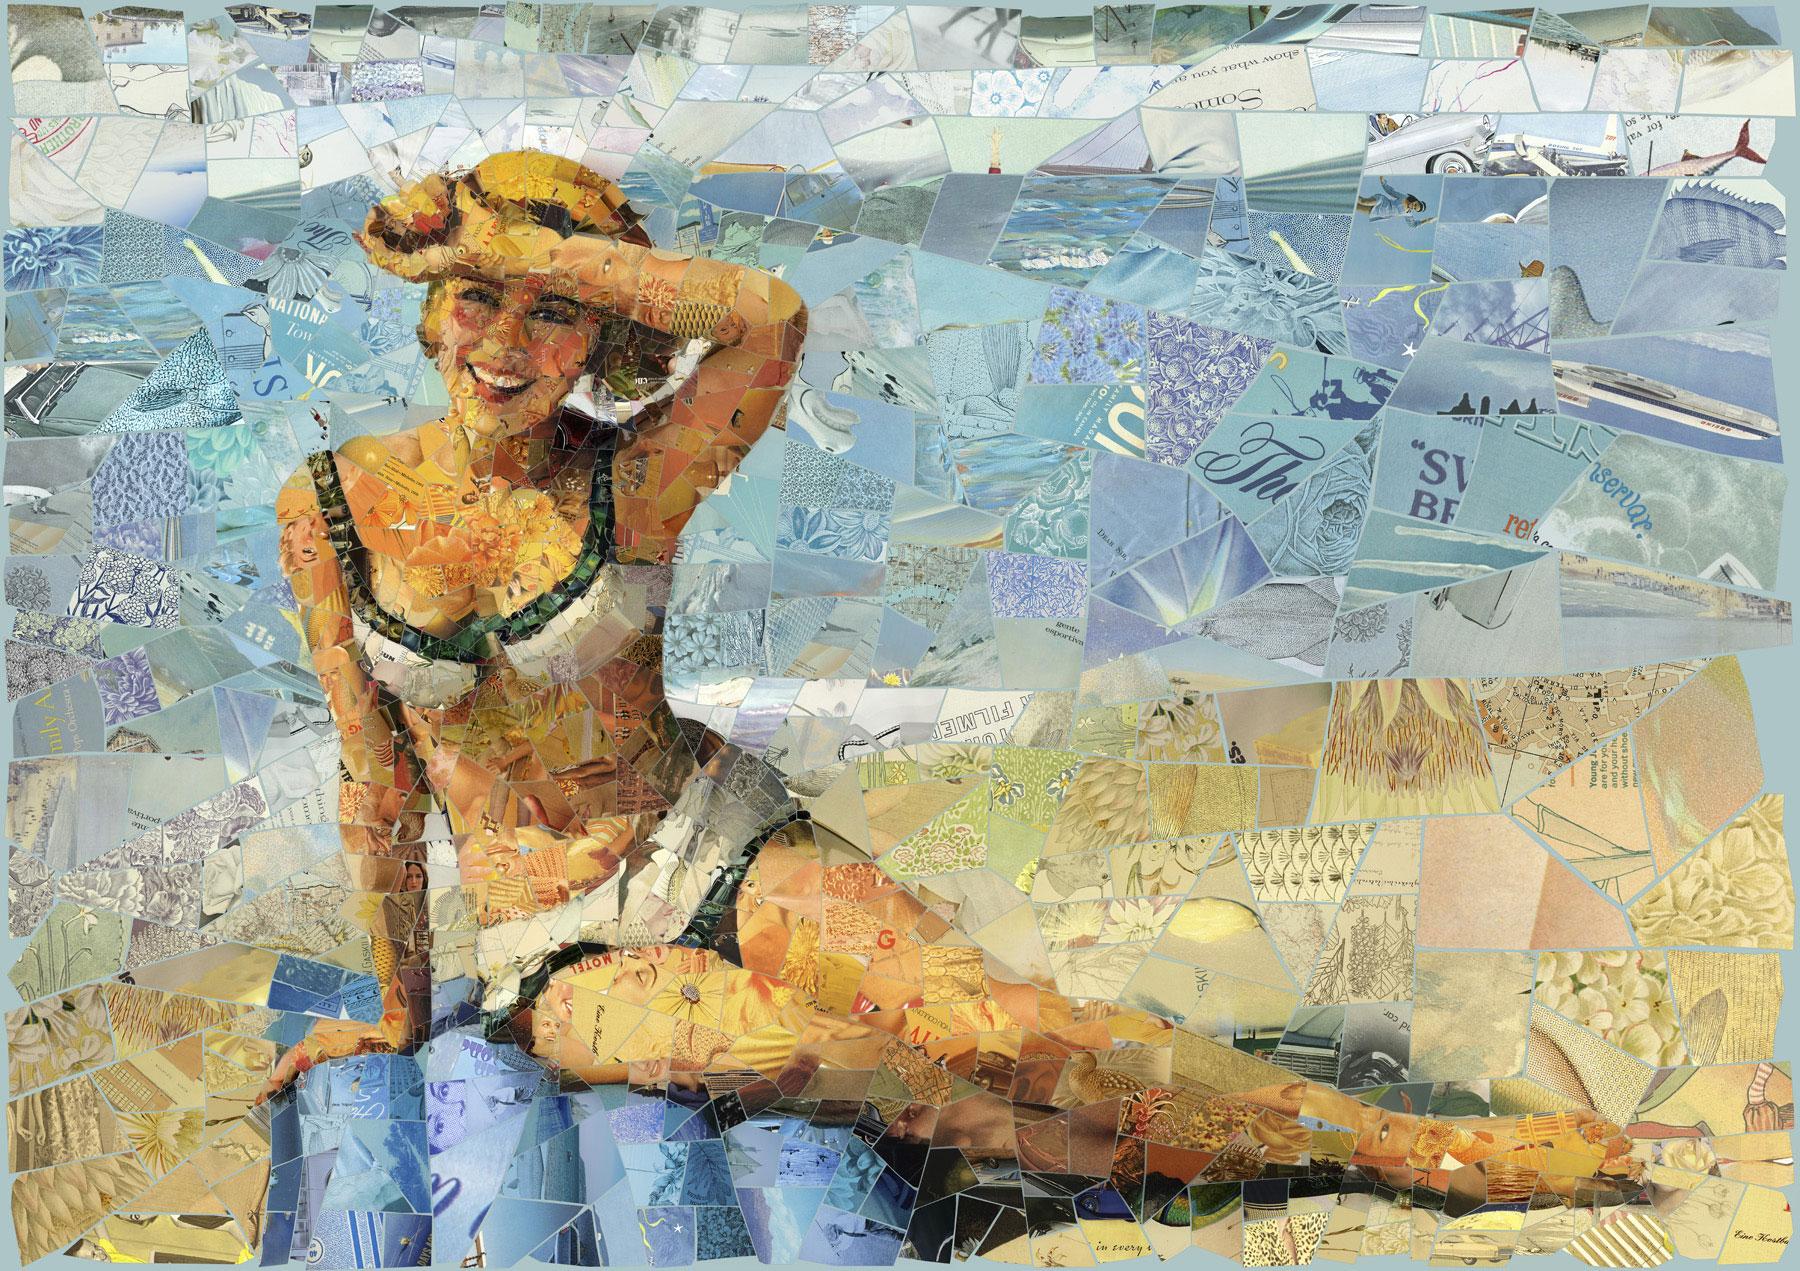 Immagine della ragazza in bikini realizzata con i mosaici dell'artista Charis Tsevis.